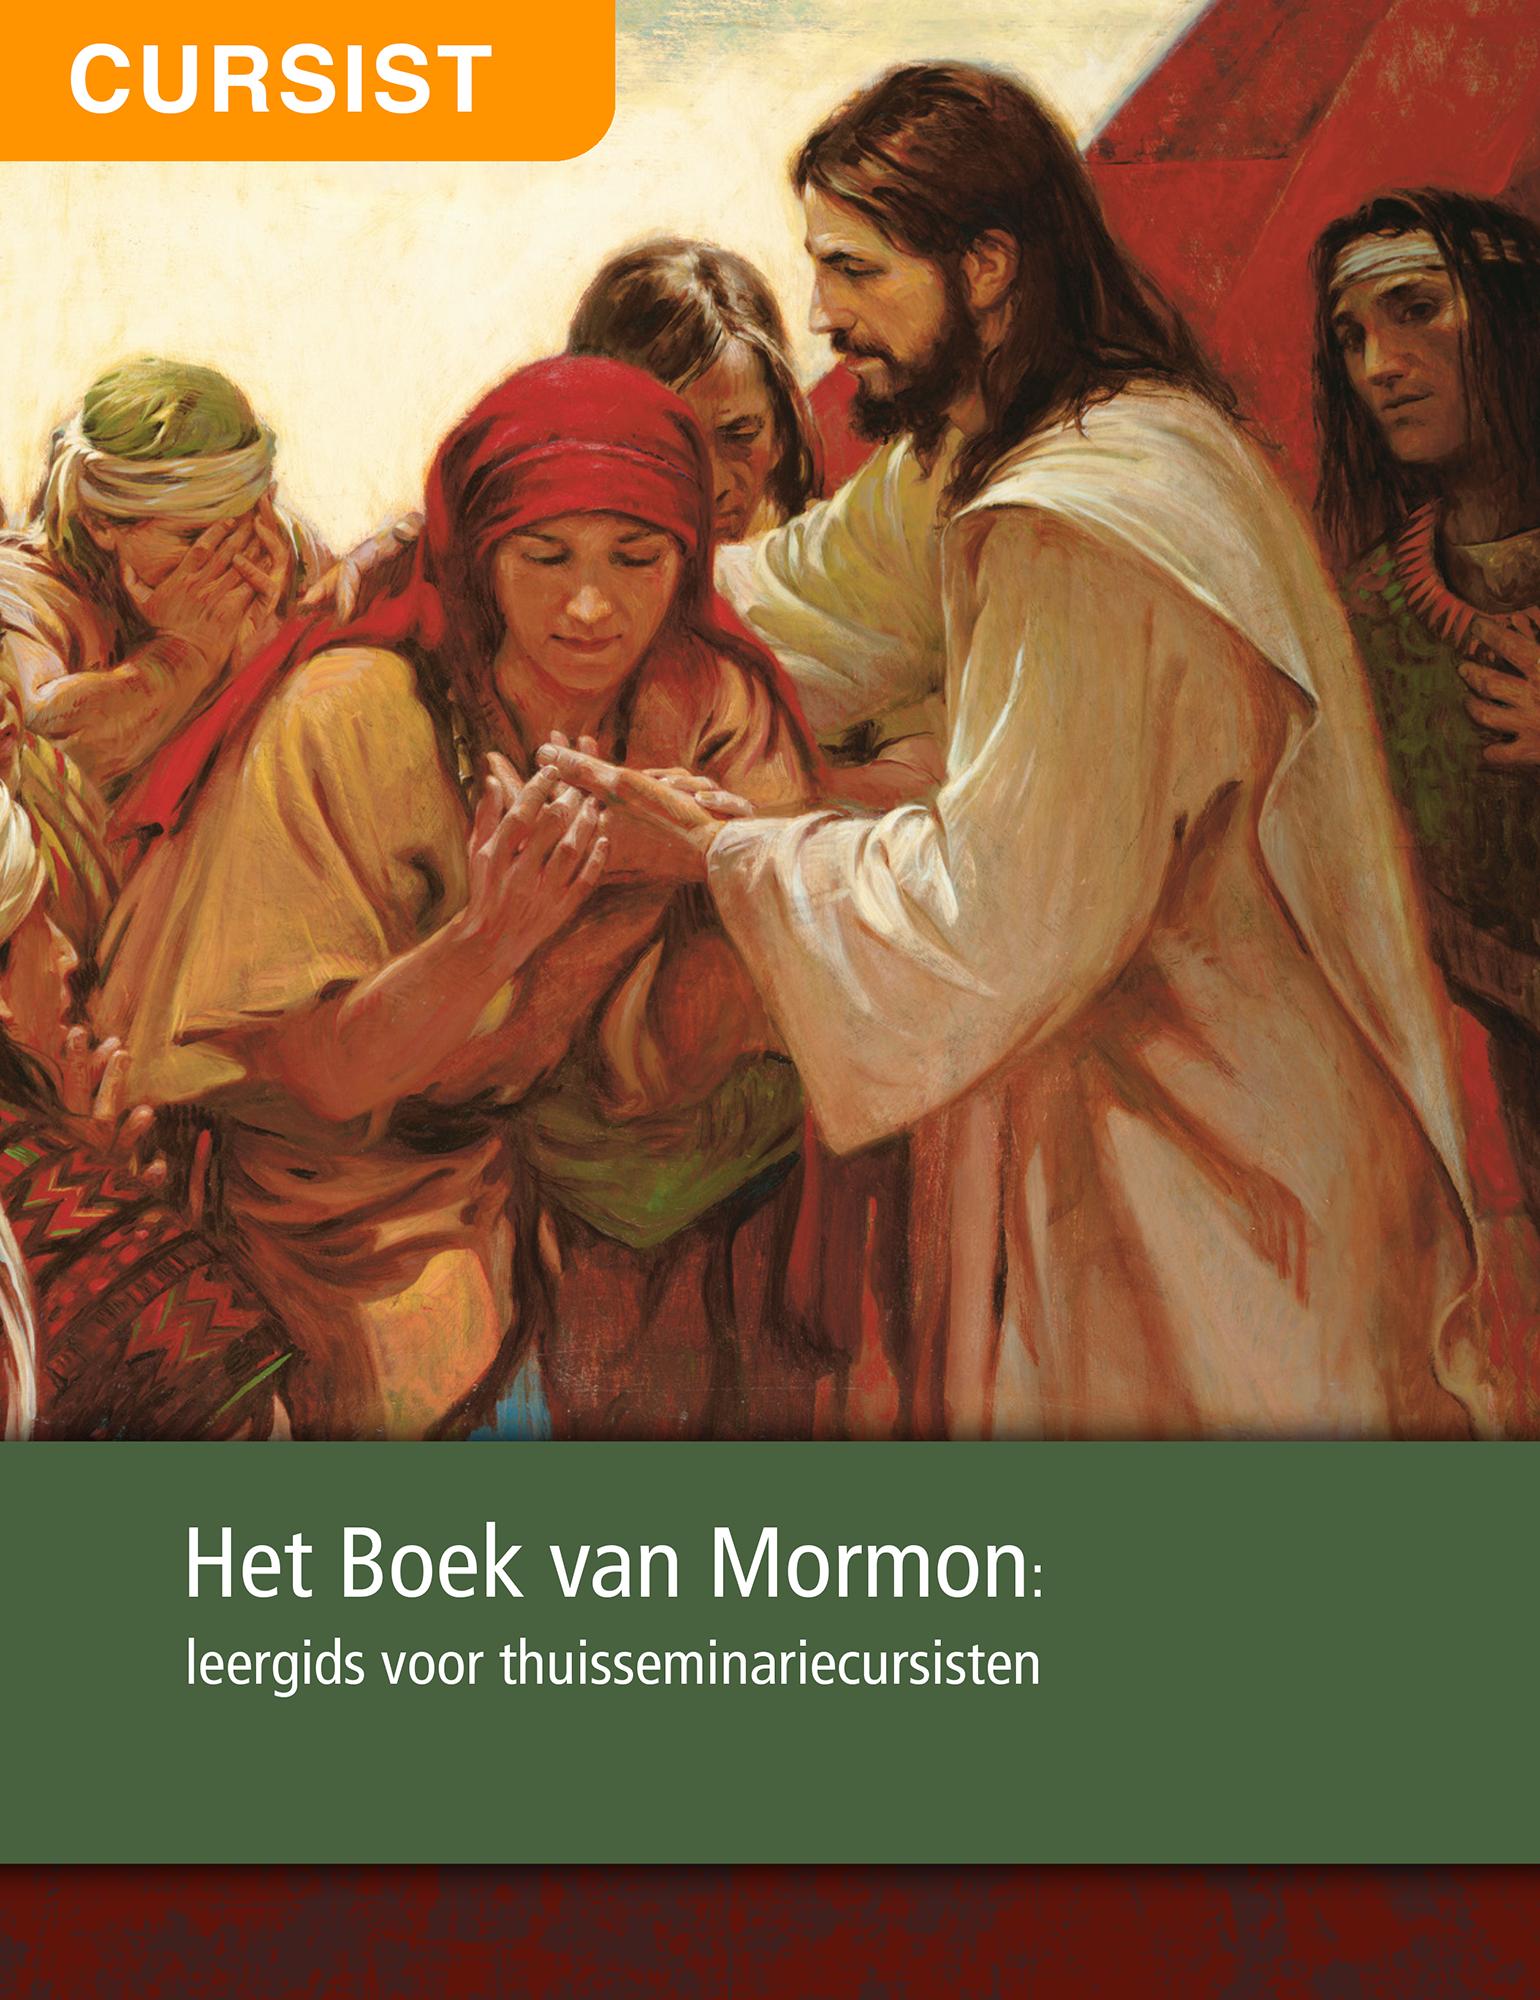 Het Boek van Mormon: leergids voor thuisseminariecursisten